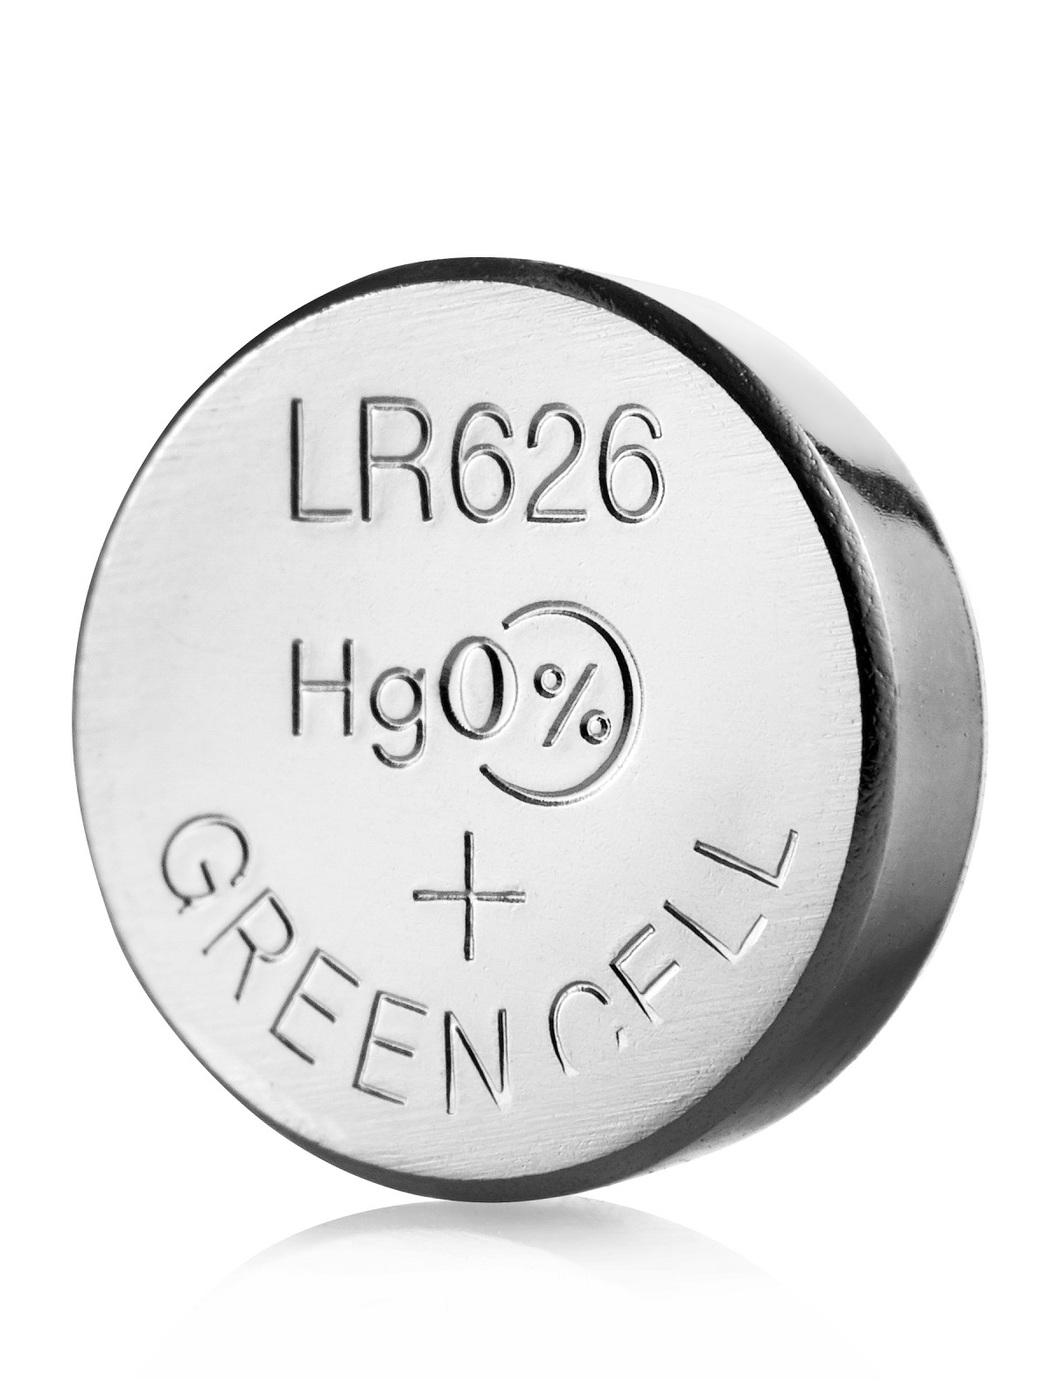 Модель батарейки LR626 как марганцево-щелочной элемент